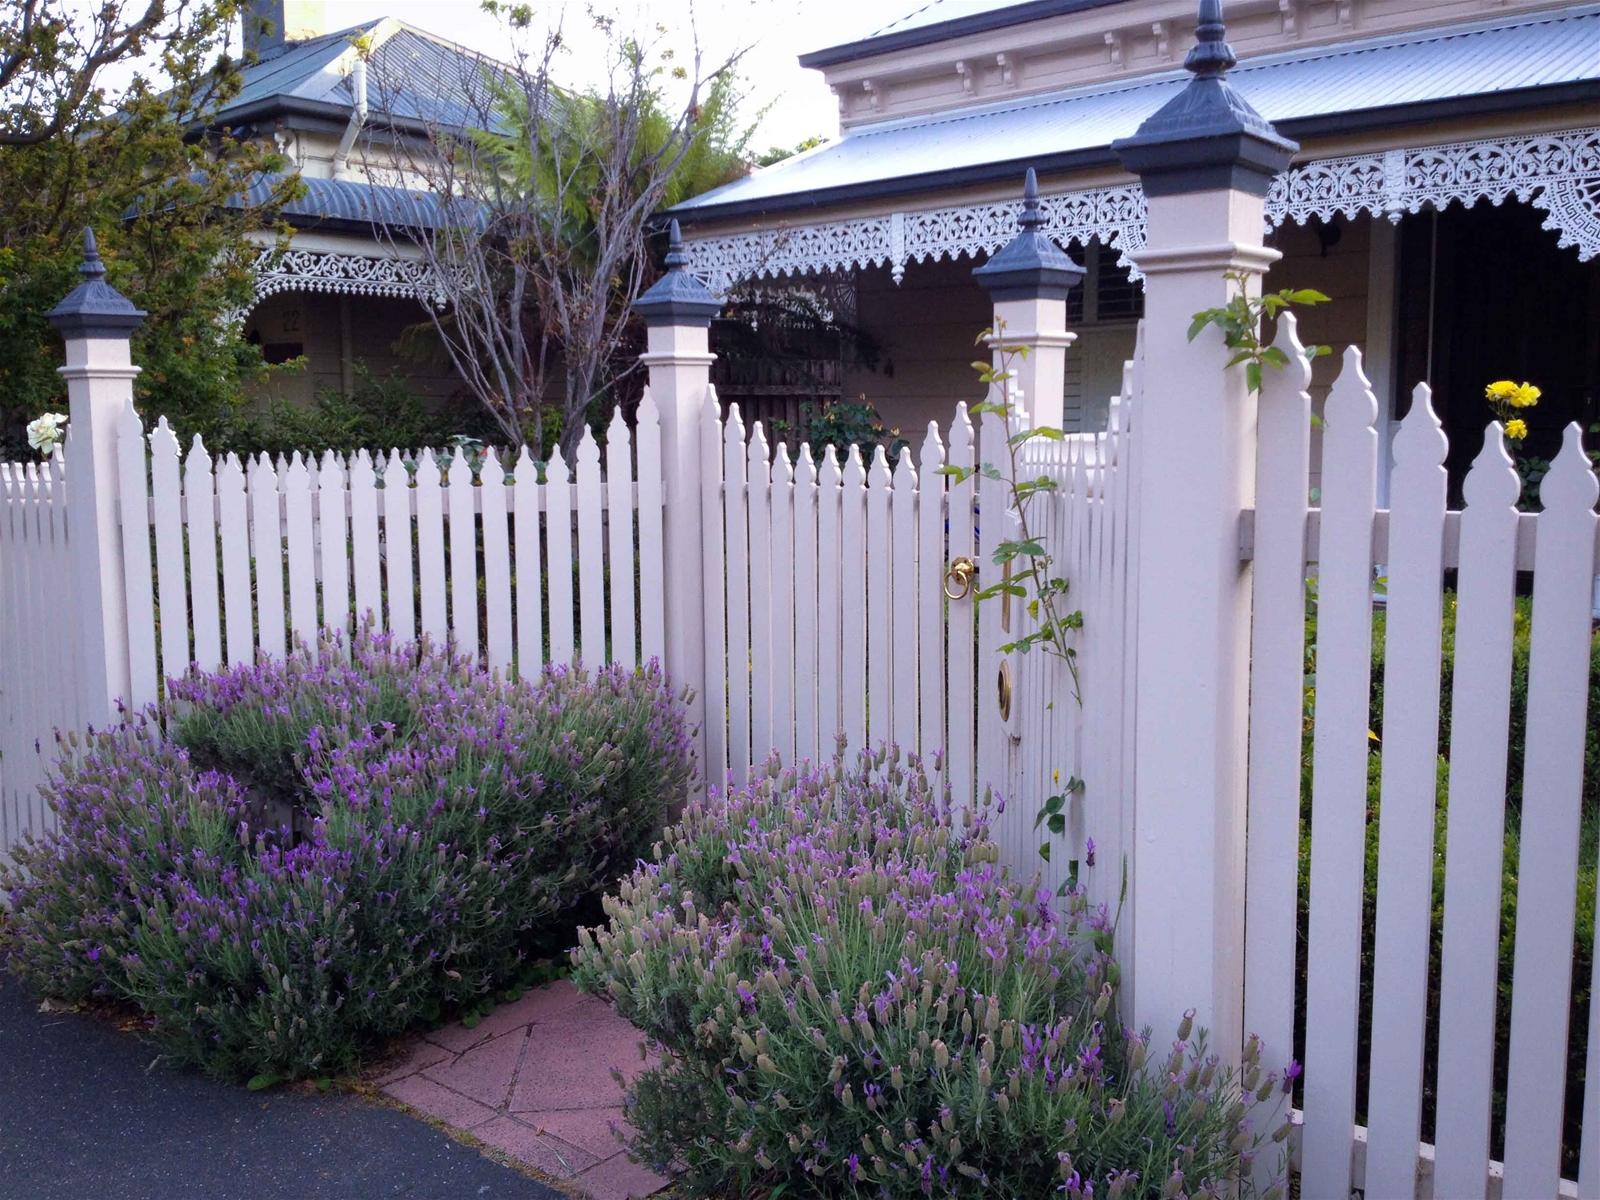 Ngang qua những hàng rào gỗ Melbourne